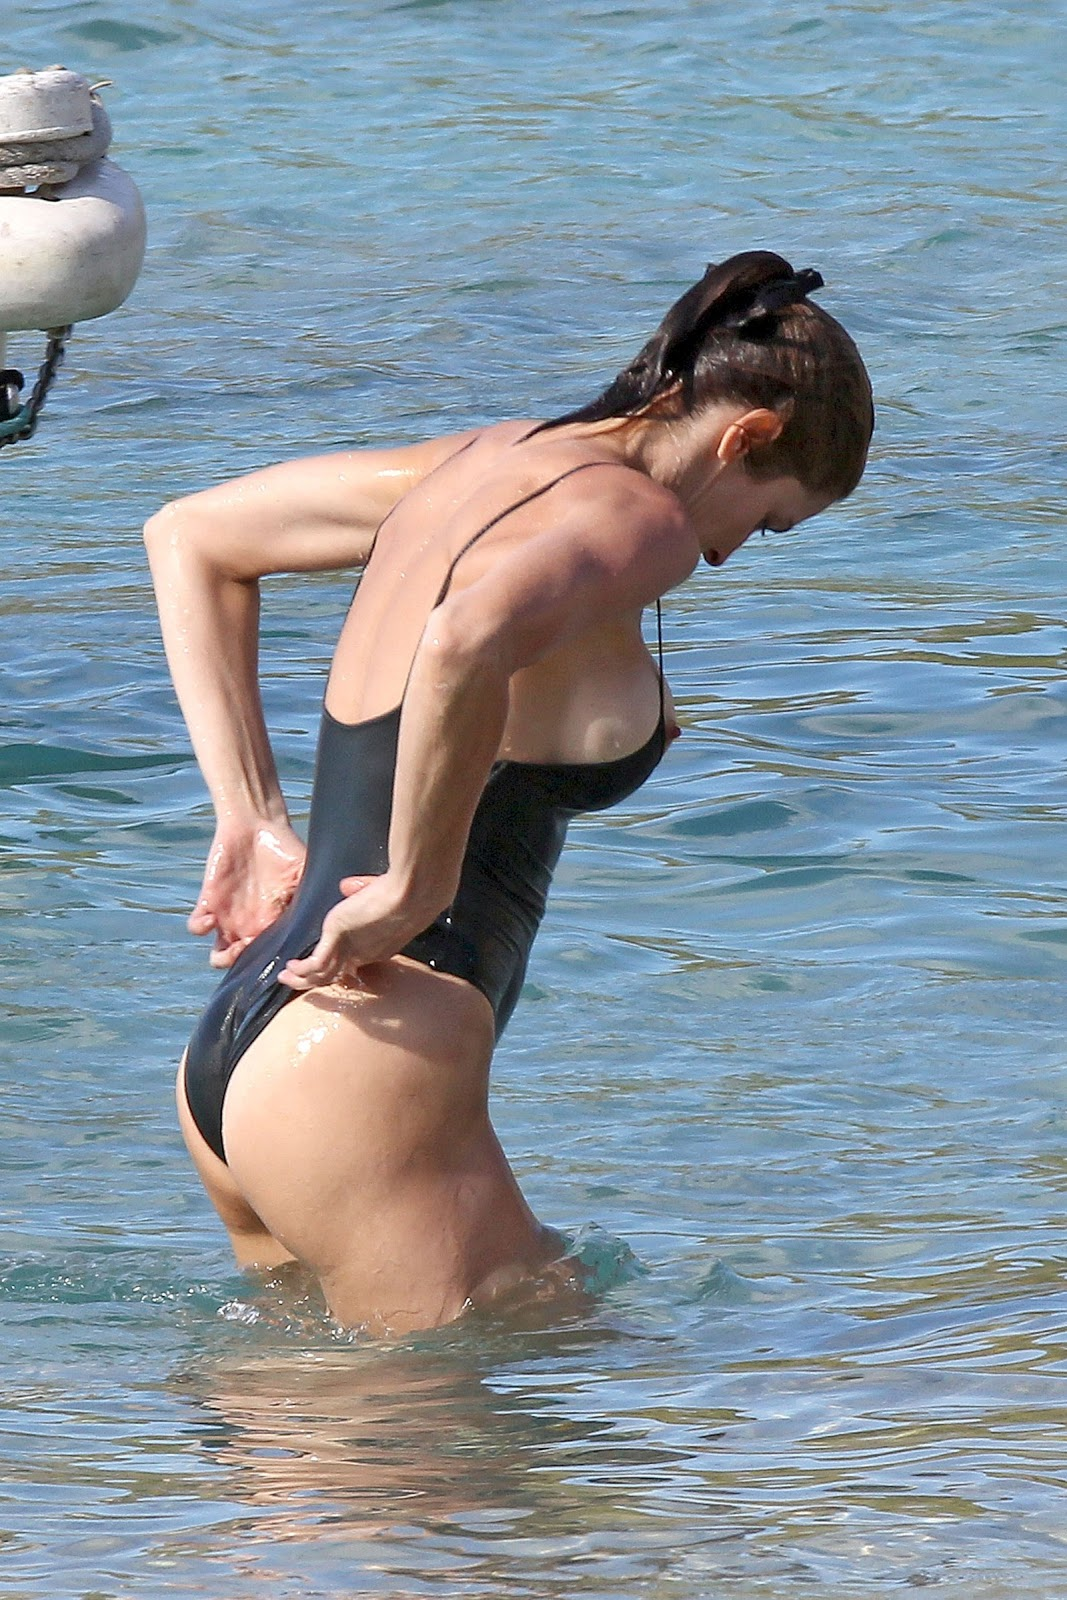 http://3.bp.blogspot.com/-XjP2bXs_Scg/UN6NhNOmZaI/AAAAAAABSXk/qy2wmt1UClY/s1600/Stephanie-Seymour-31.jpg